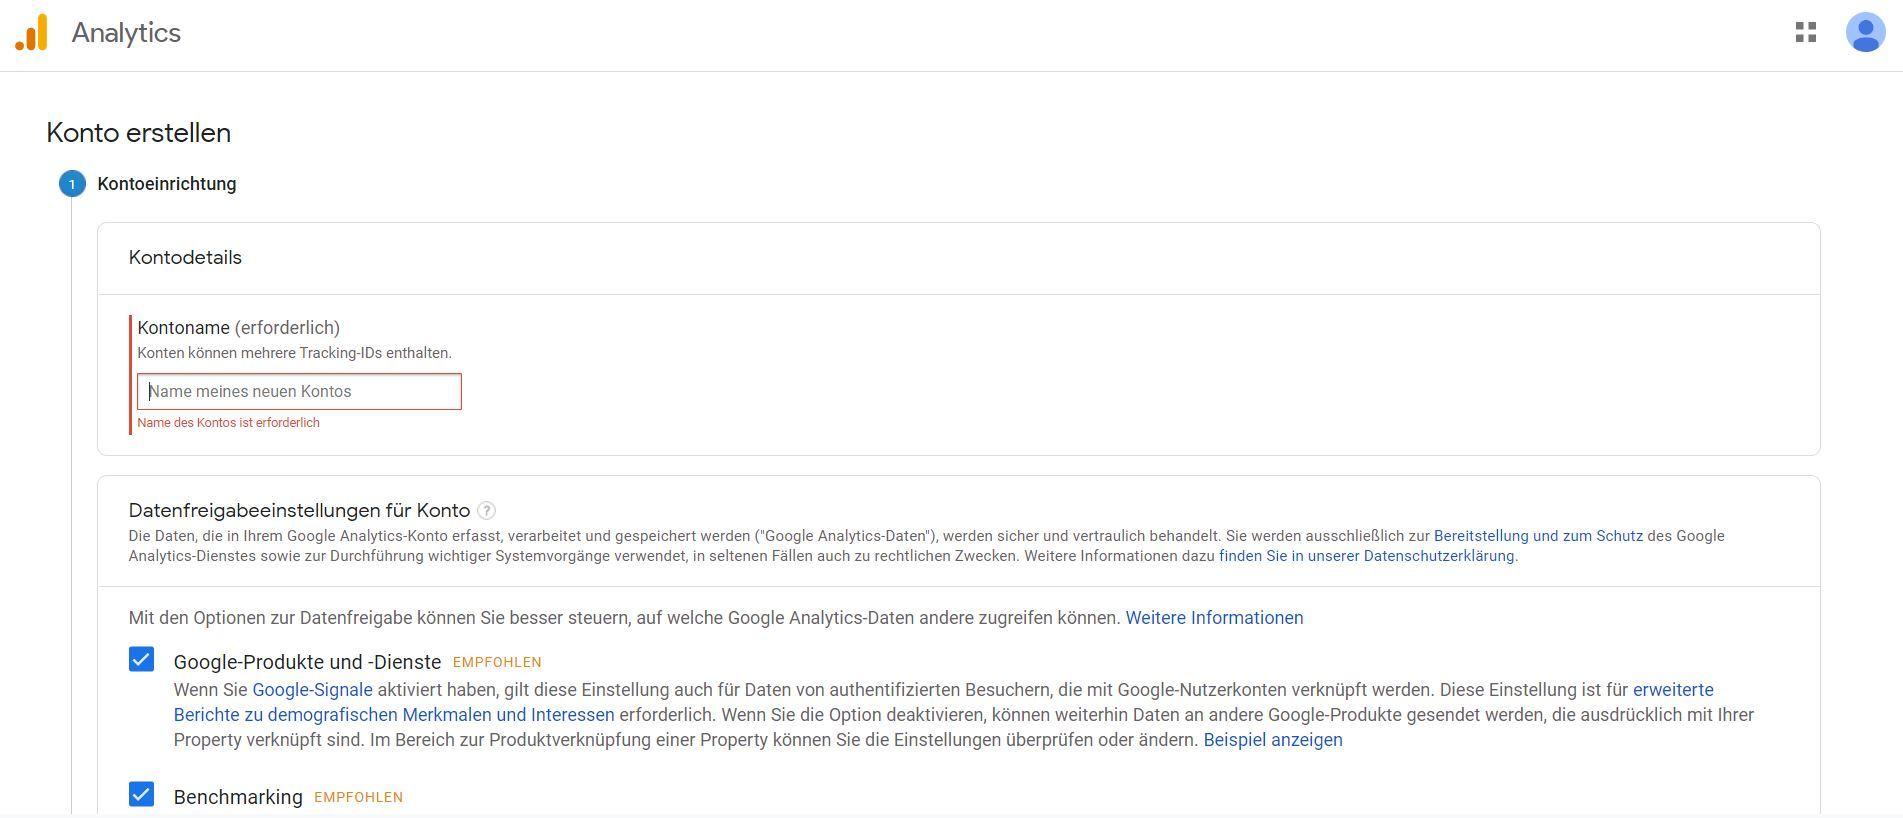 Google Analytics: Konto erstellen